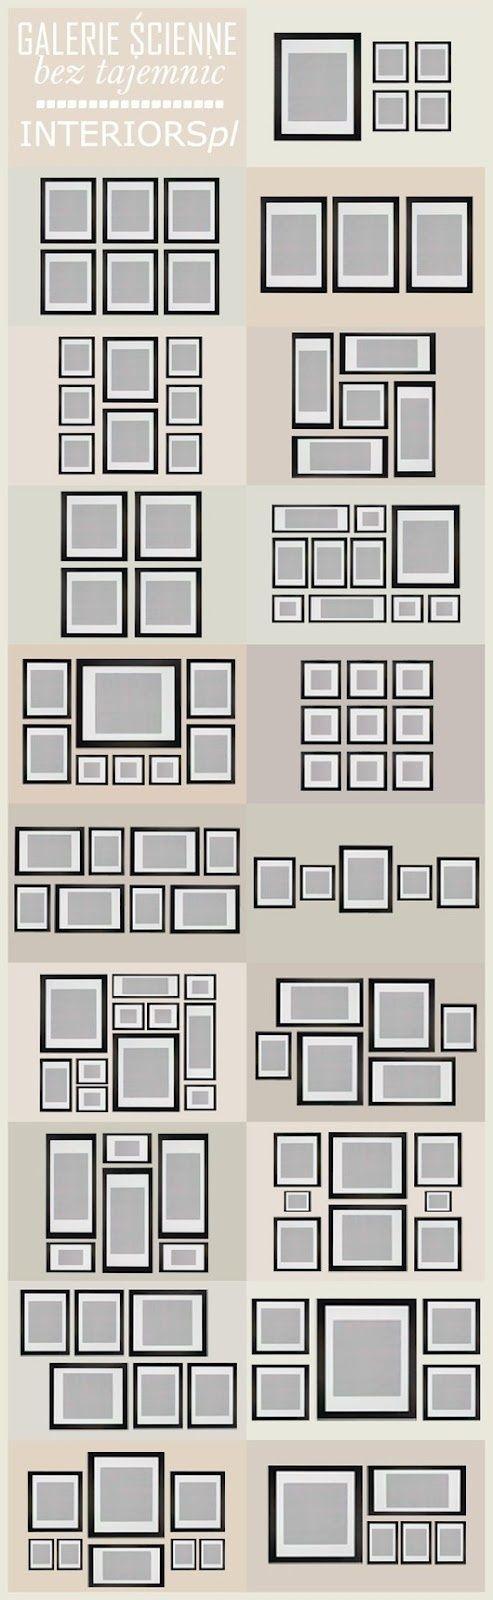 Gallery wall picture frame organization ideas. Organización e ideas de una galería de Marcos de fotos.